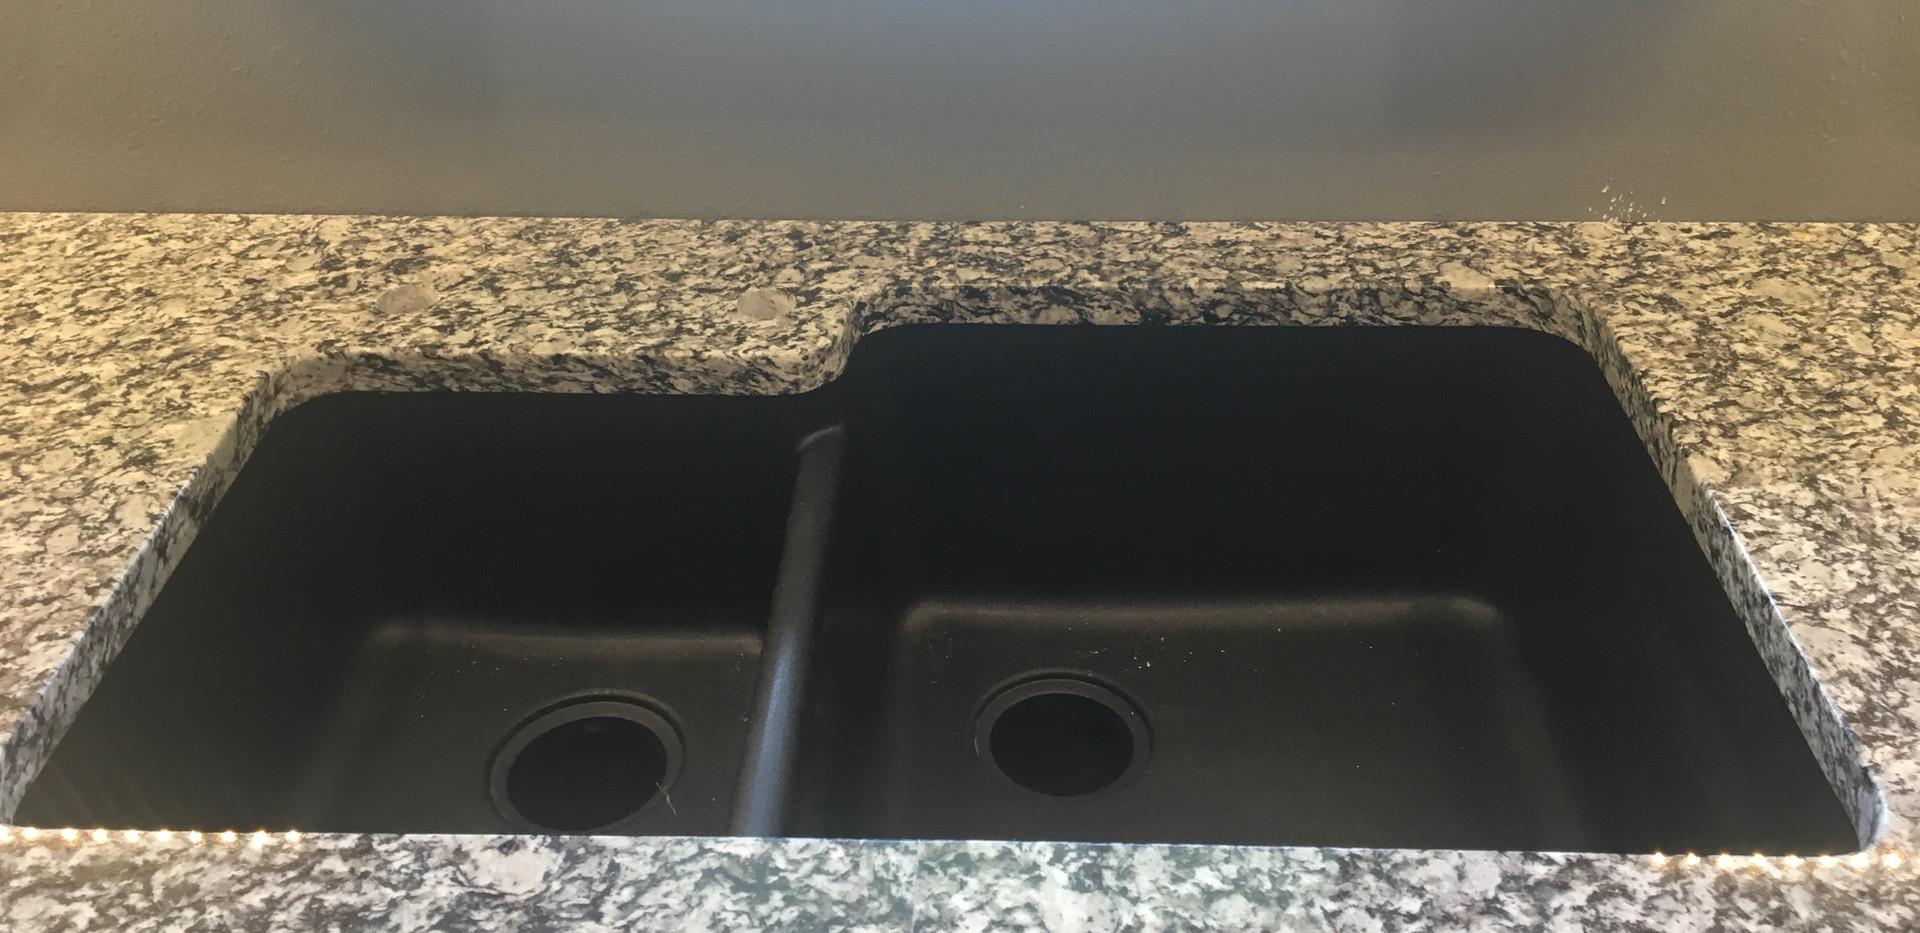 Waterwave_granite_kitchen_sink.JPG